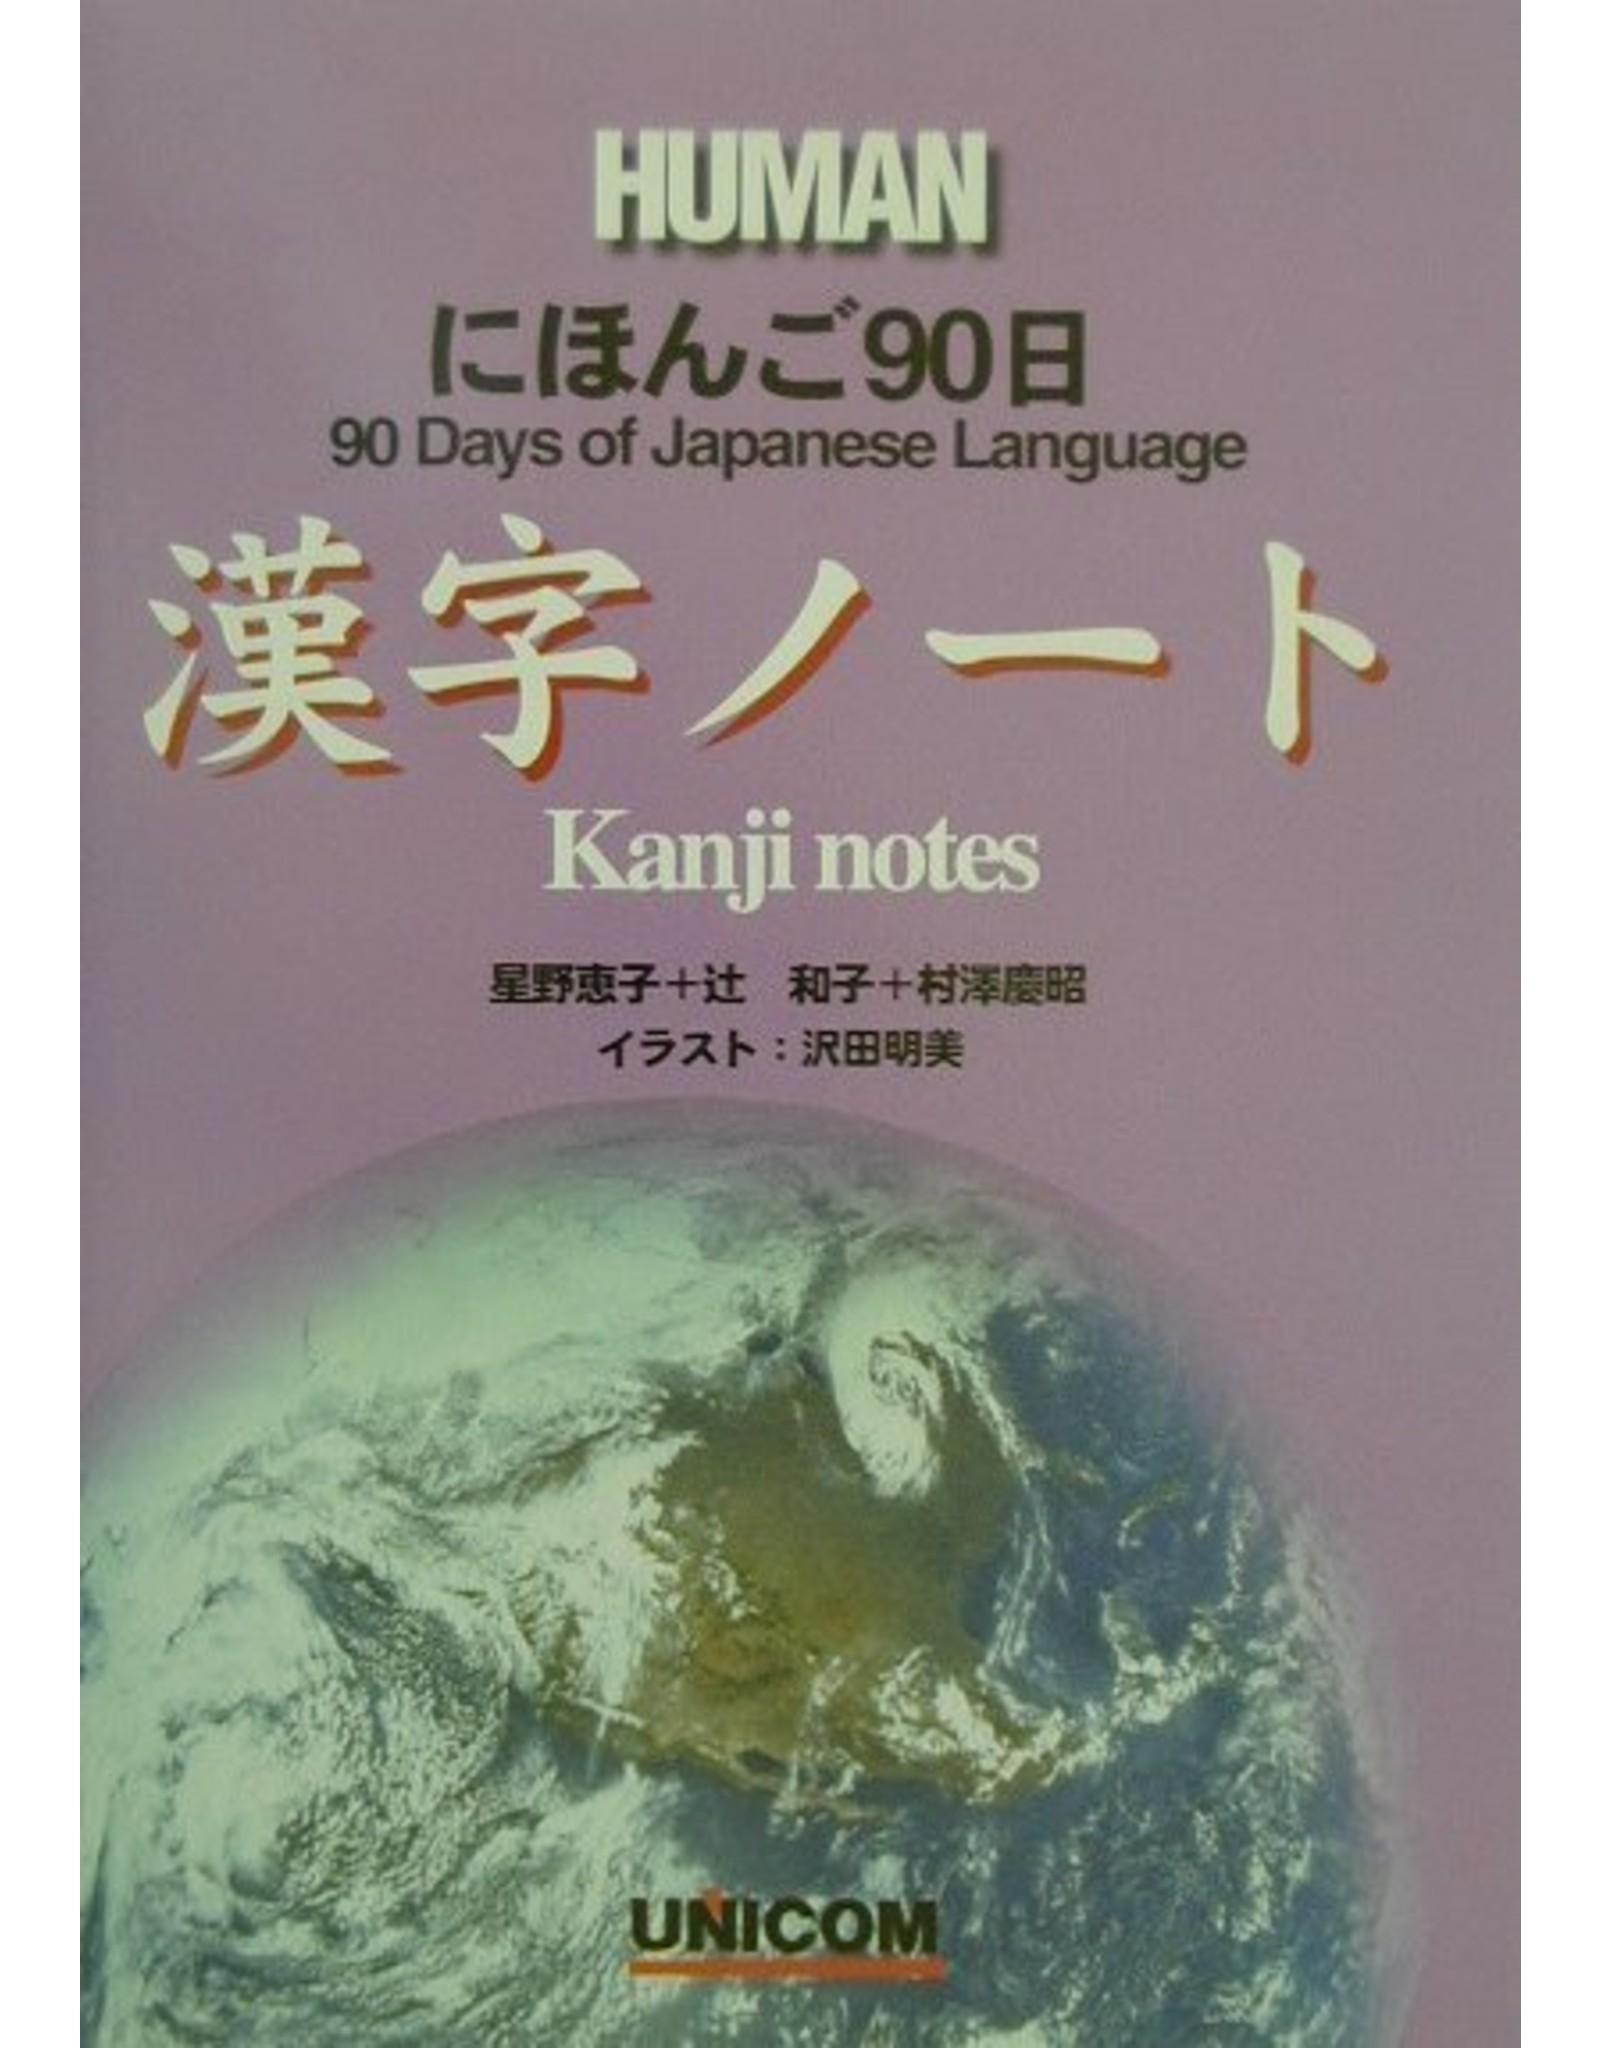 UNICOM 90 DAYS OF JAPANESE LANGUAGE KANJI NOTES